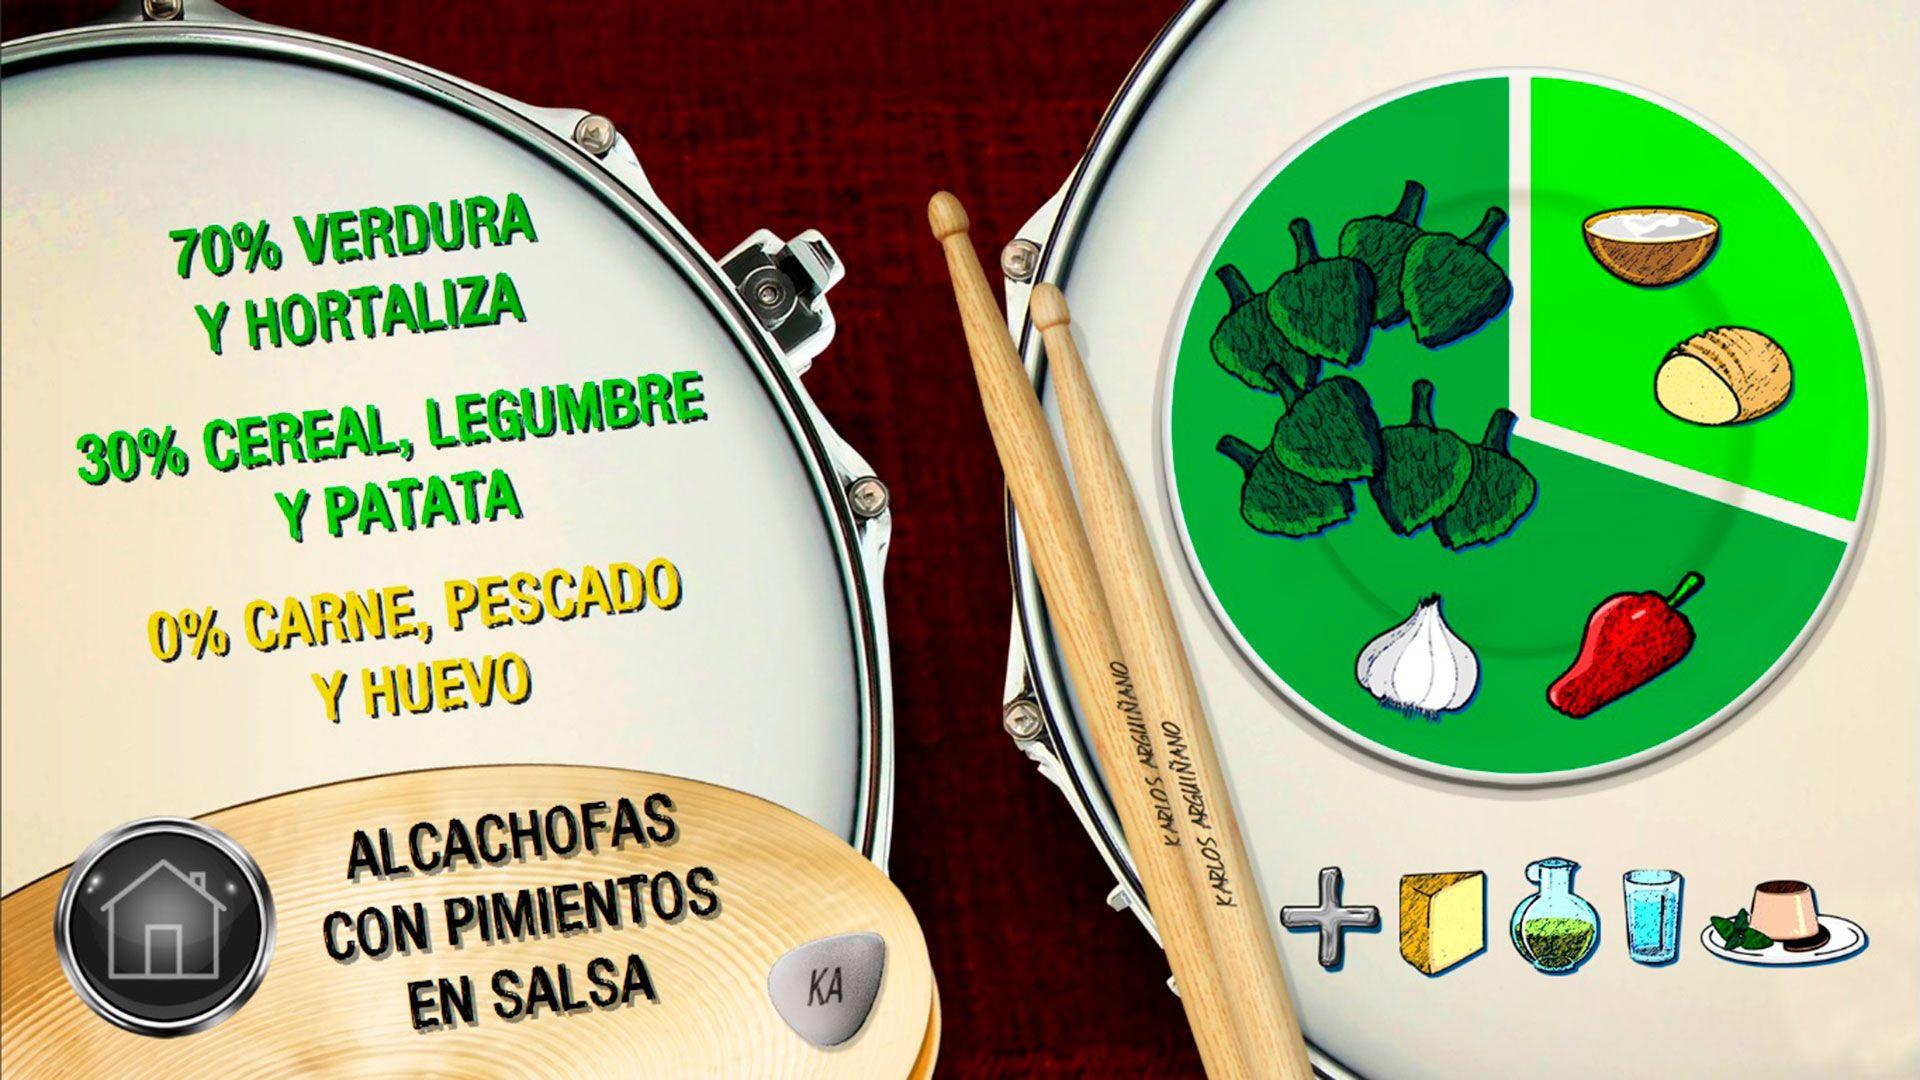 Plato del día - Alcachofas con pimientos en salsa.